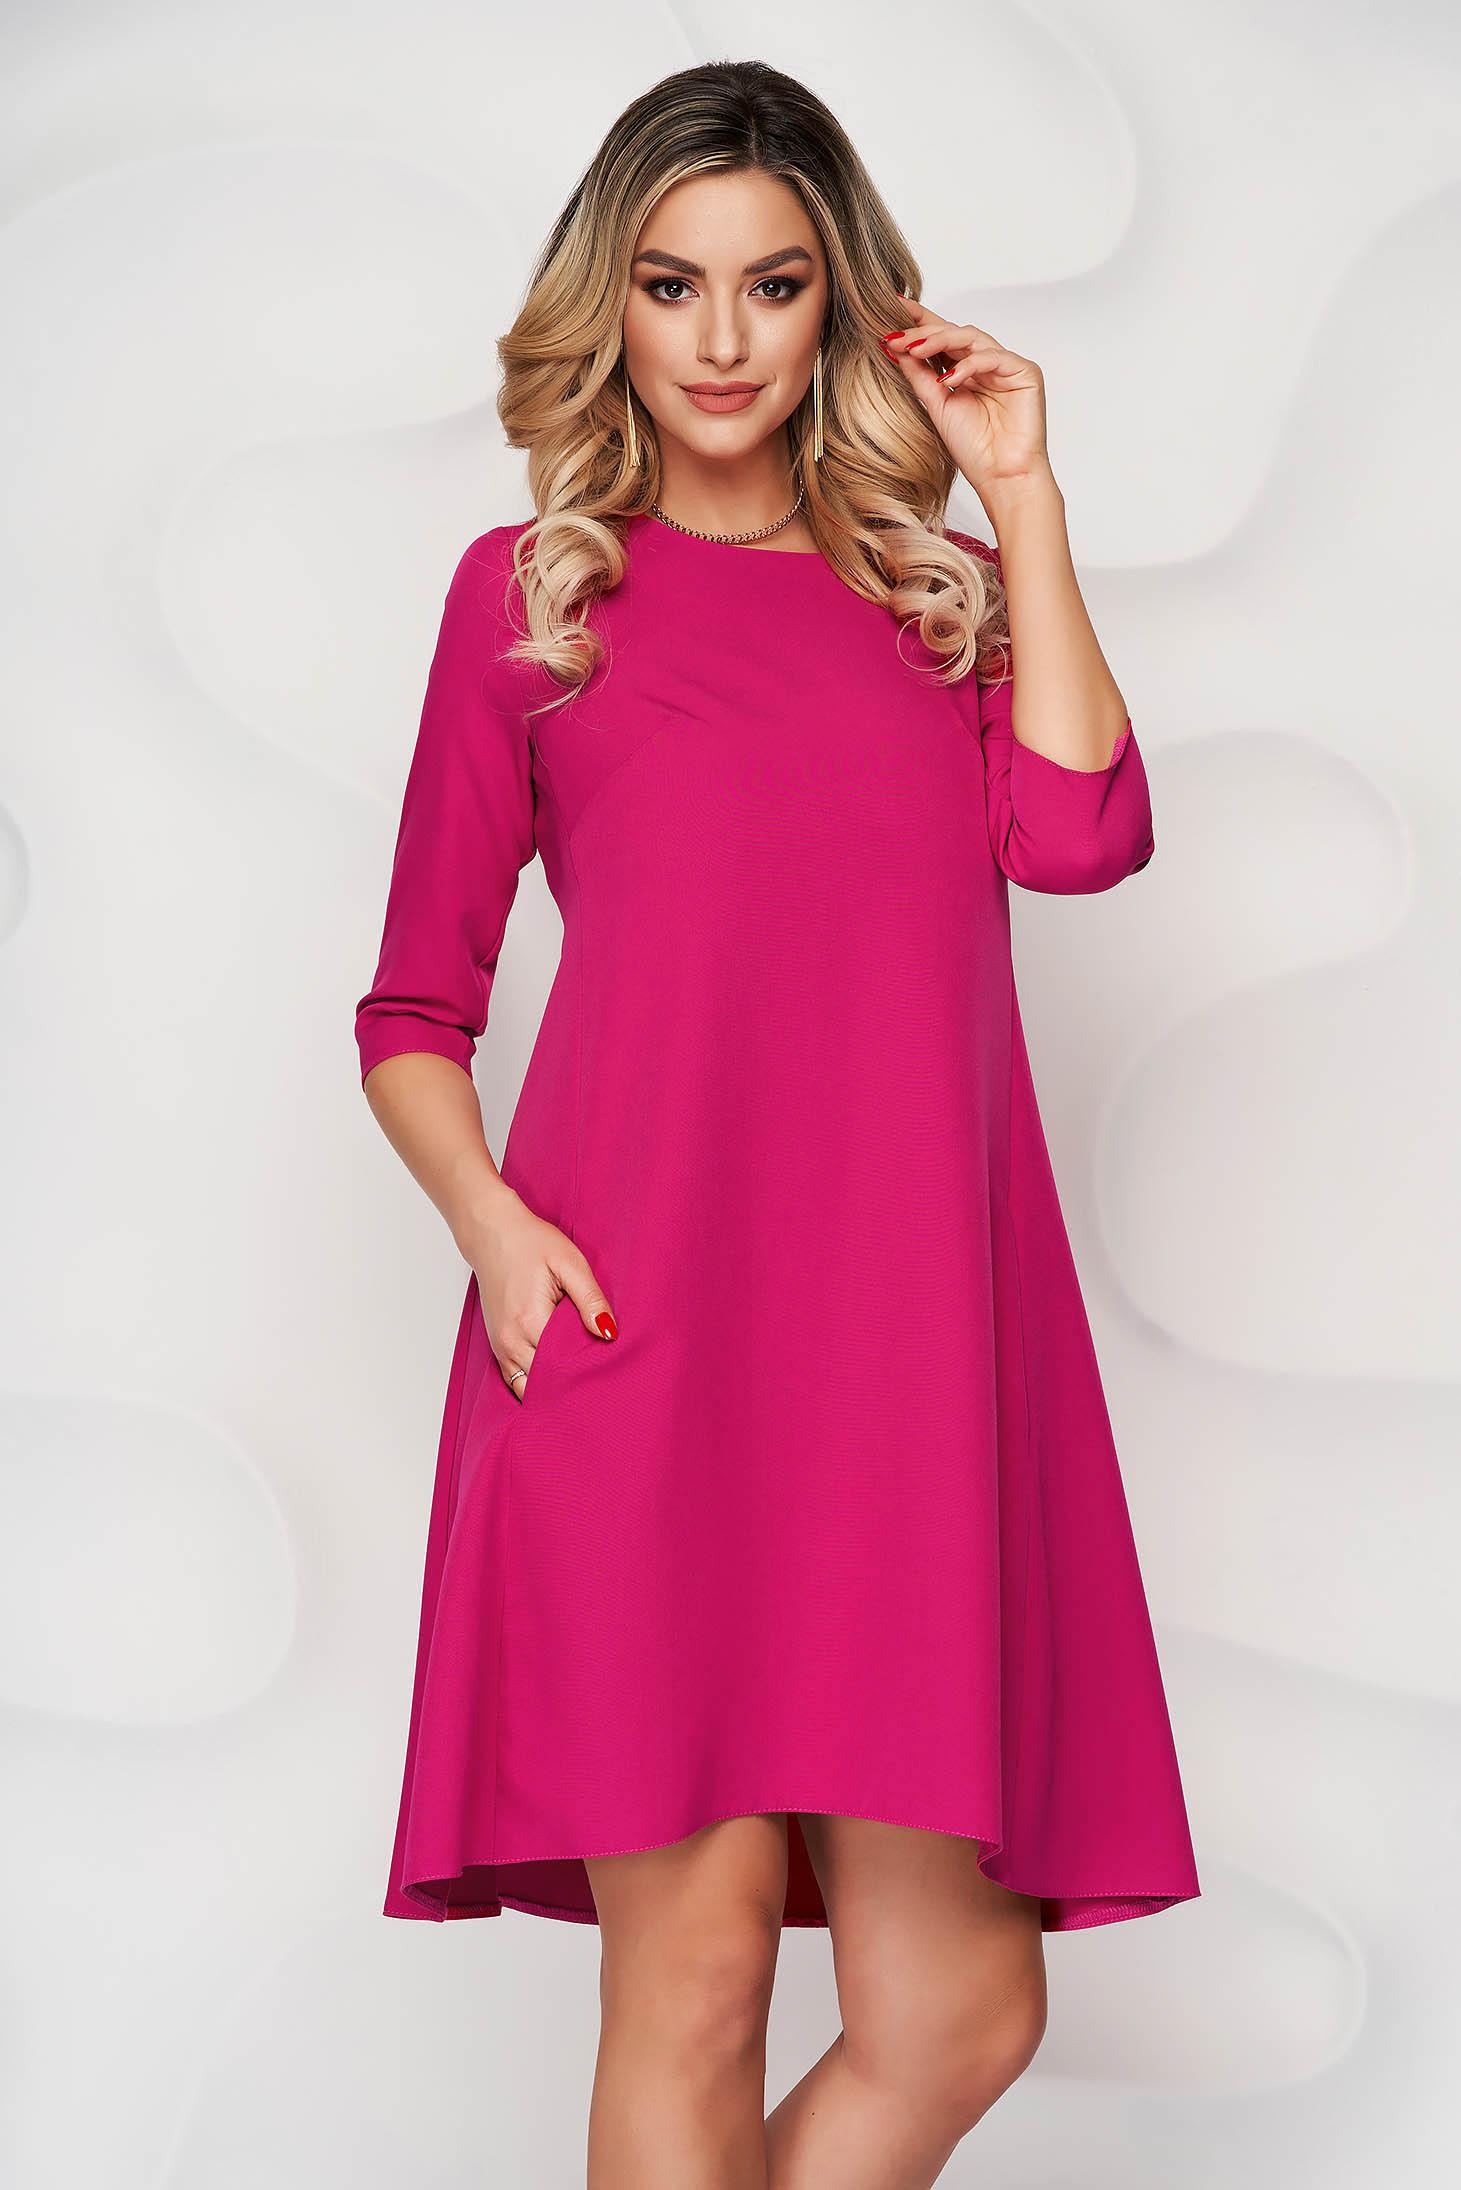 Rochie roz cu croi in a din stofa din stofa usor elastica si decolteu rotunjit